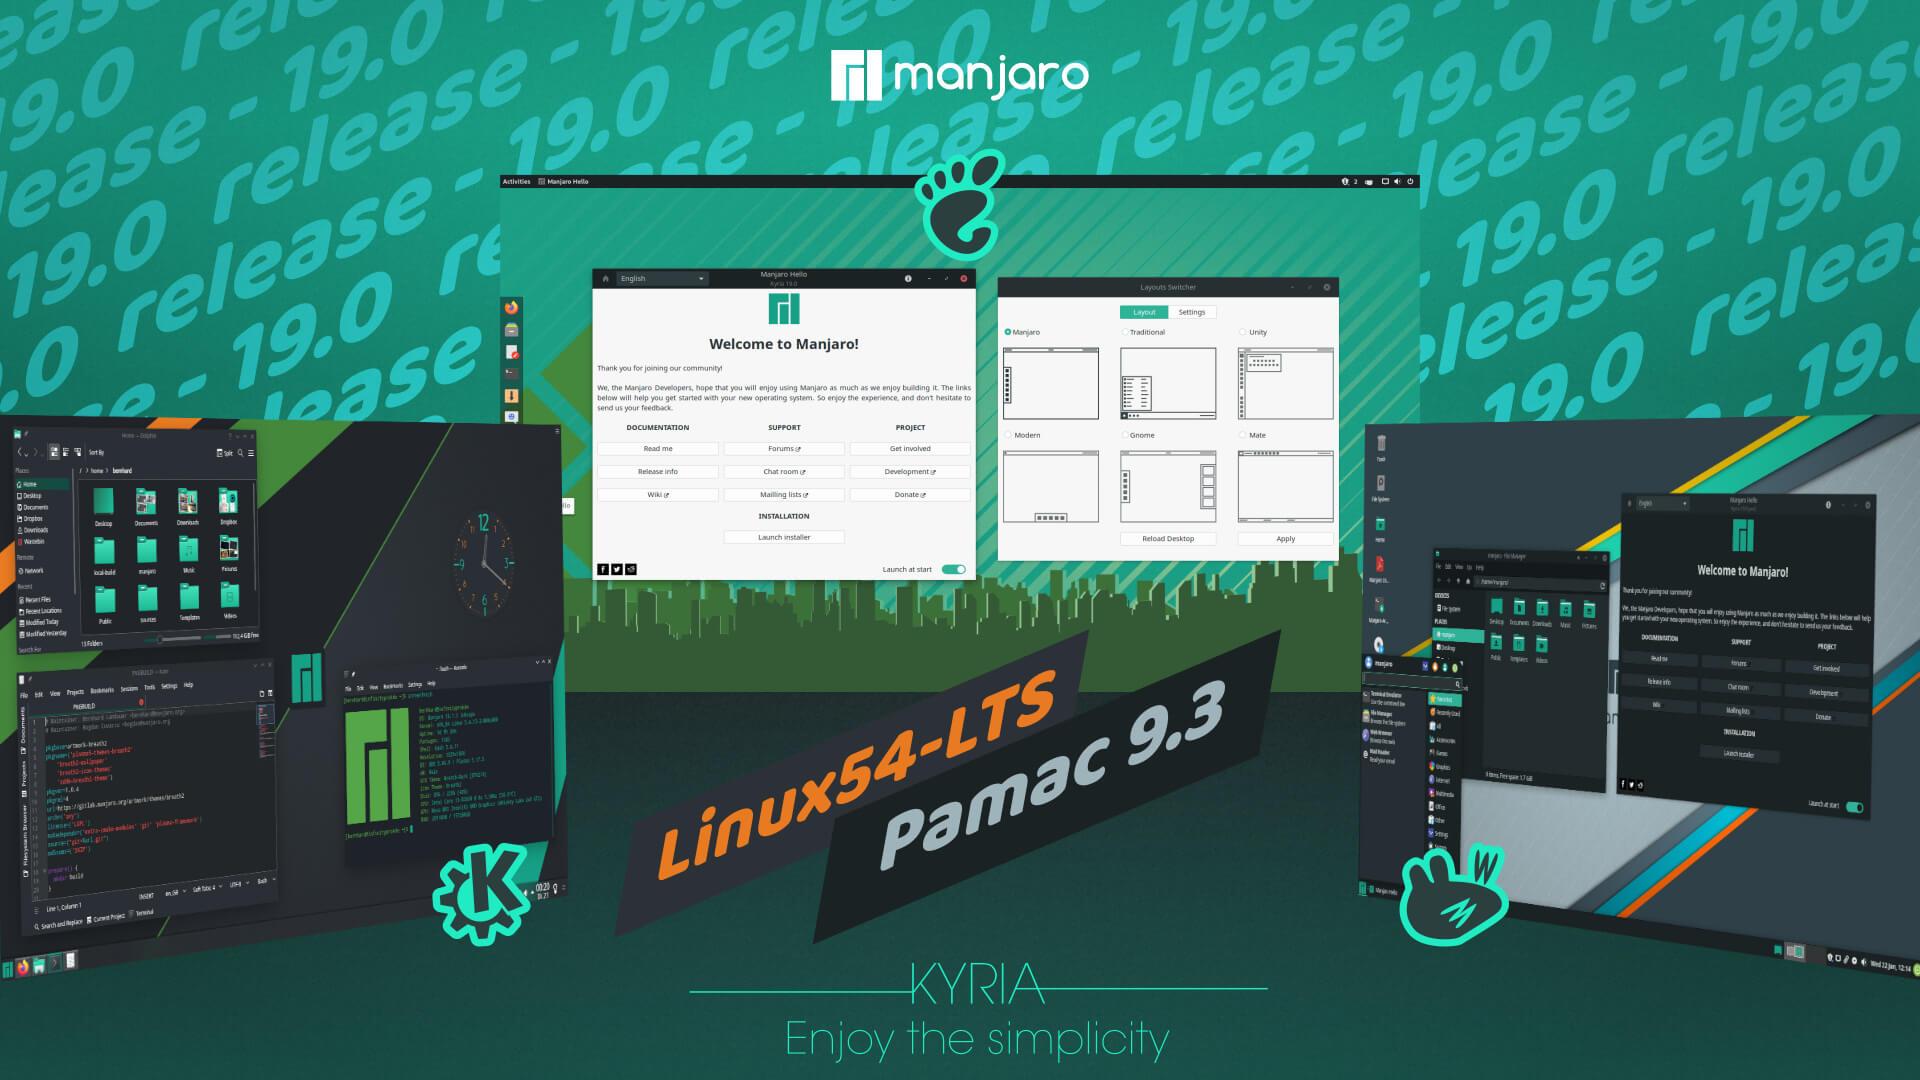 manjaro linux 19